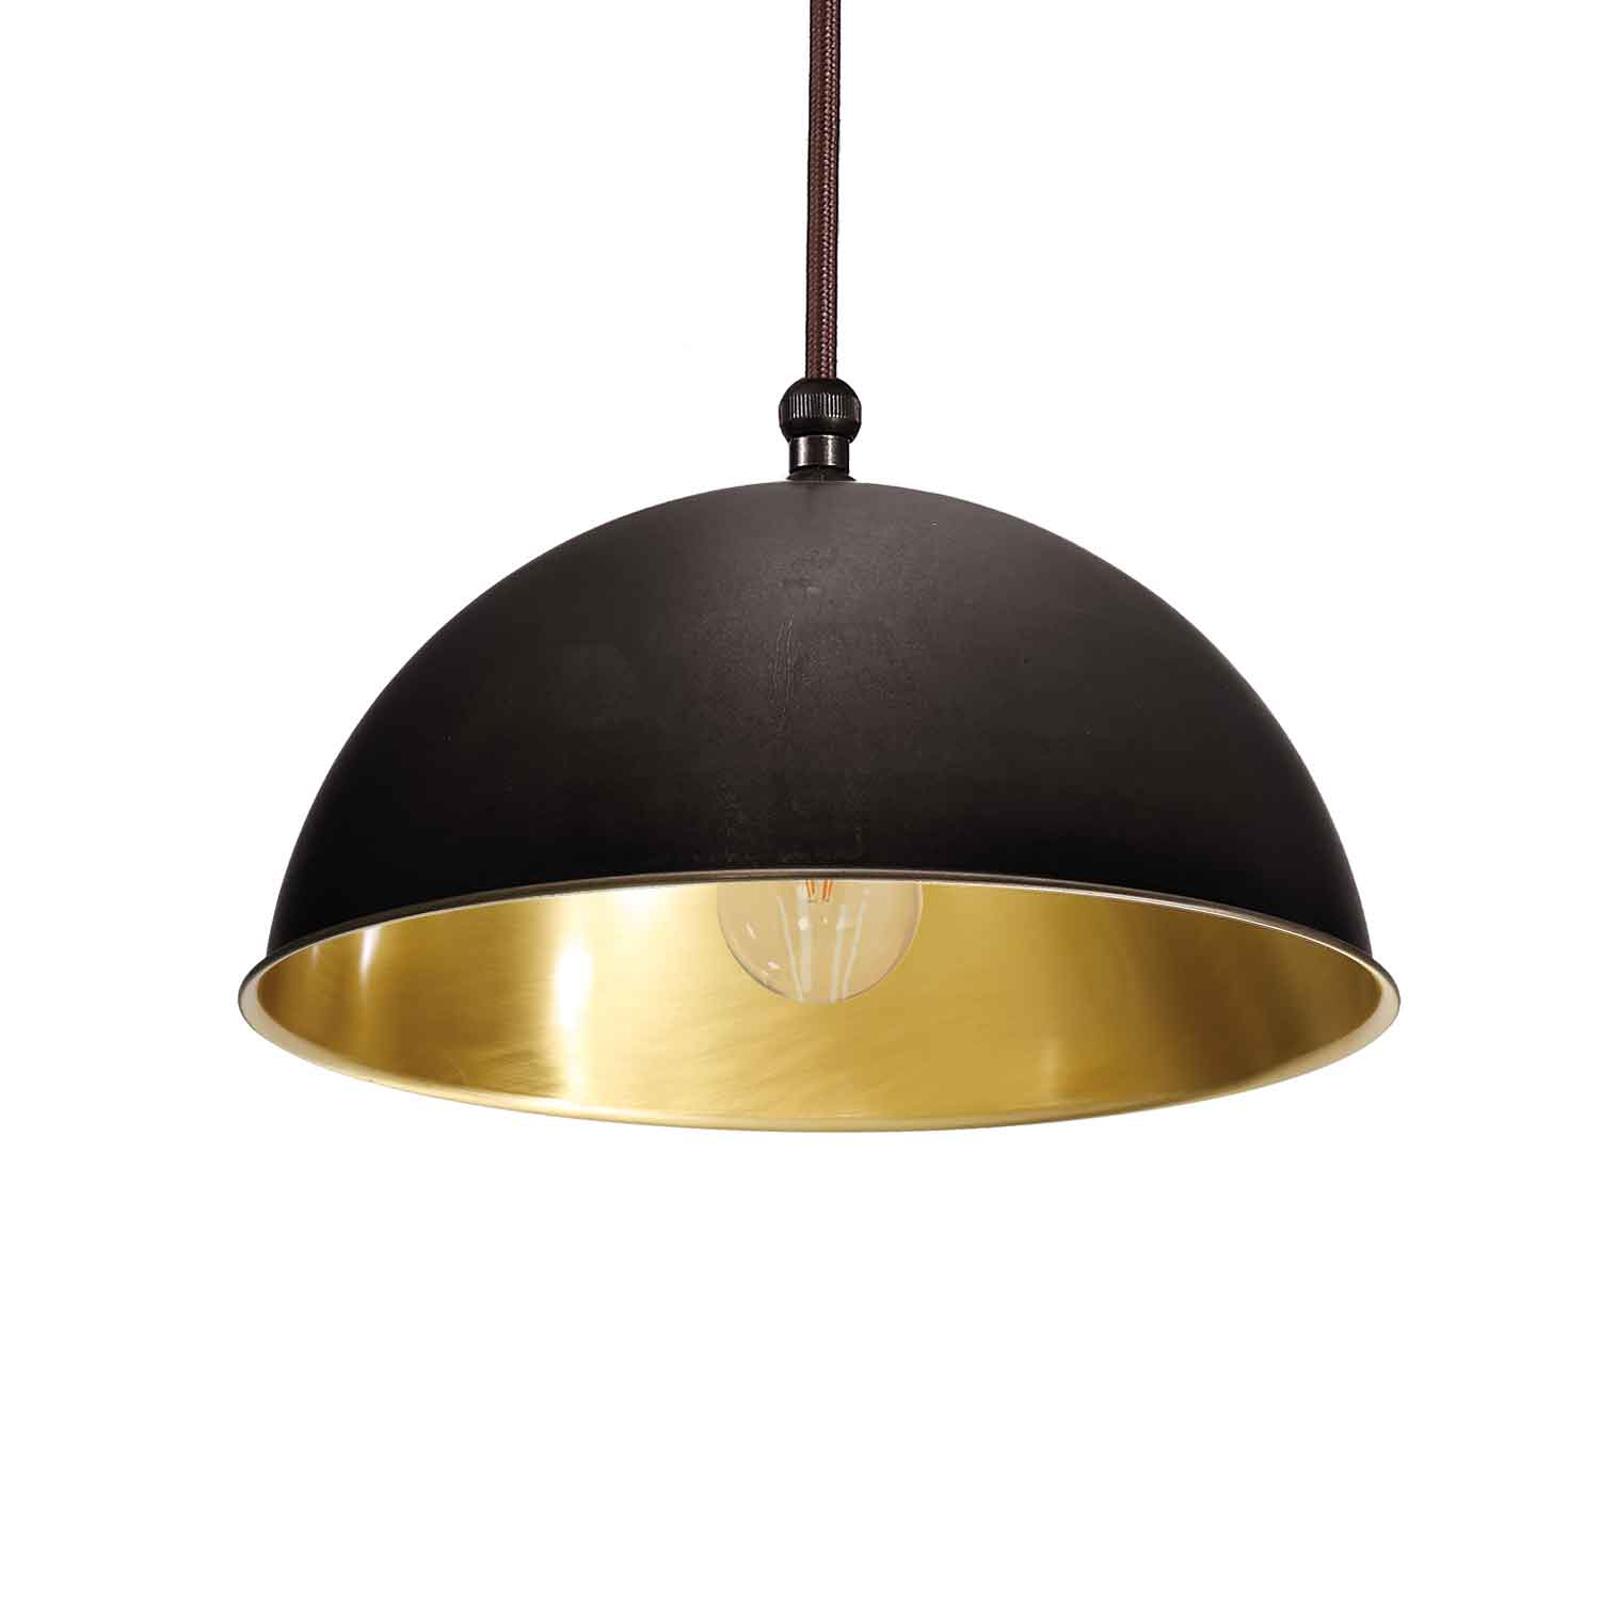 Cirkel hængelampe gylden/blåneret messing, Ø15 cm